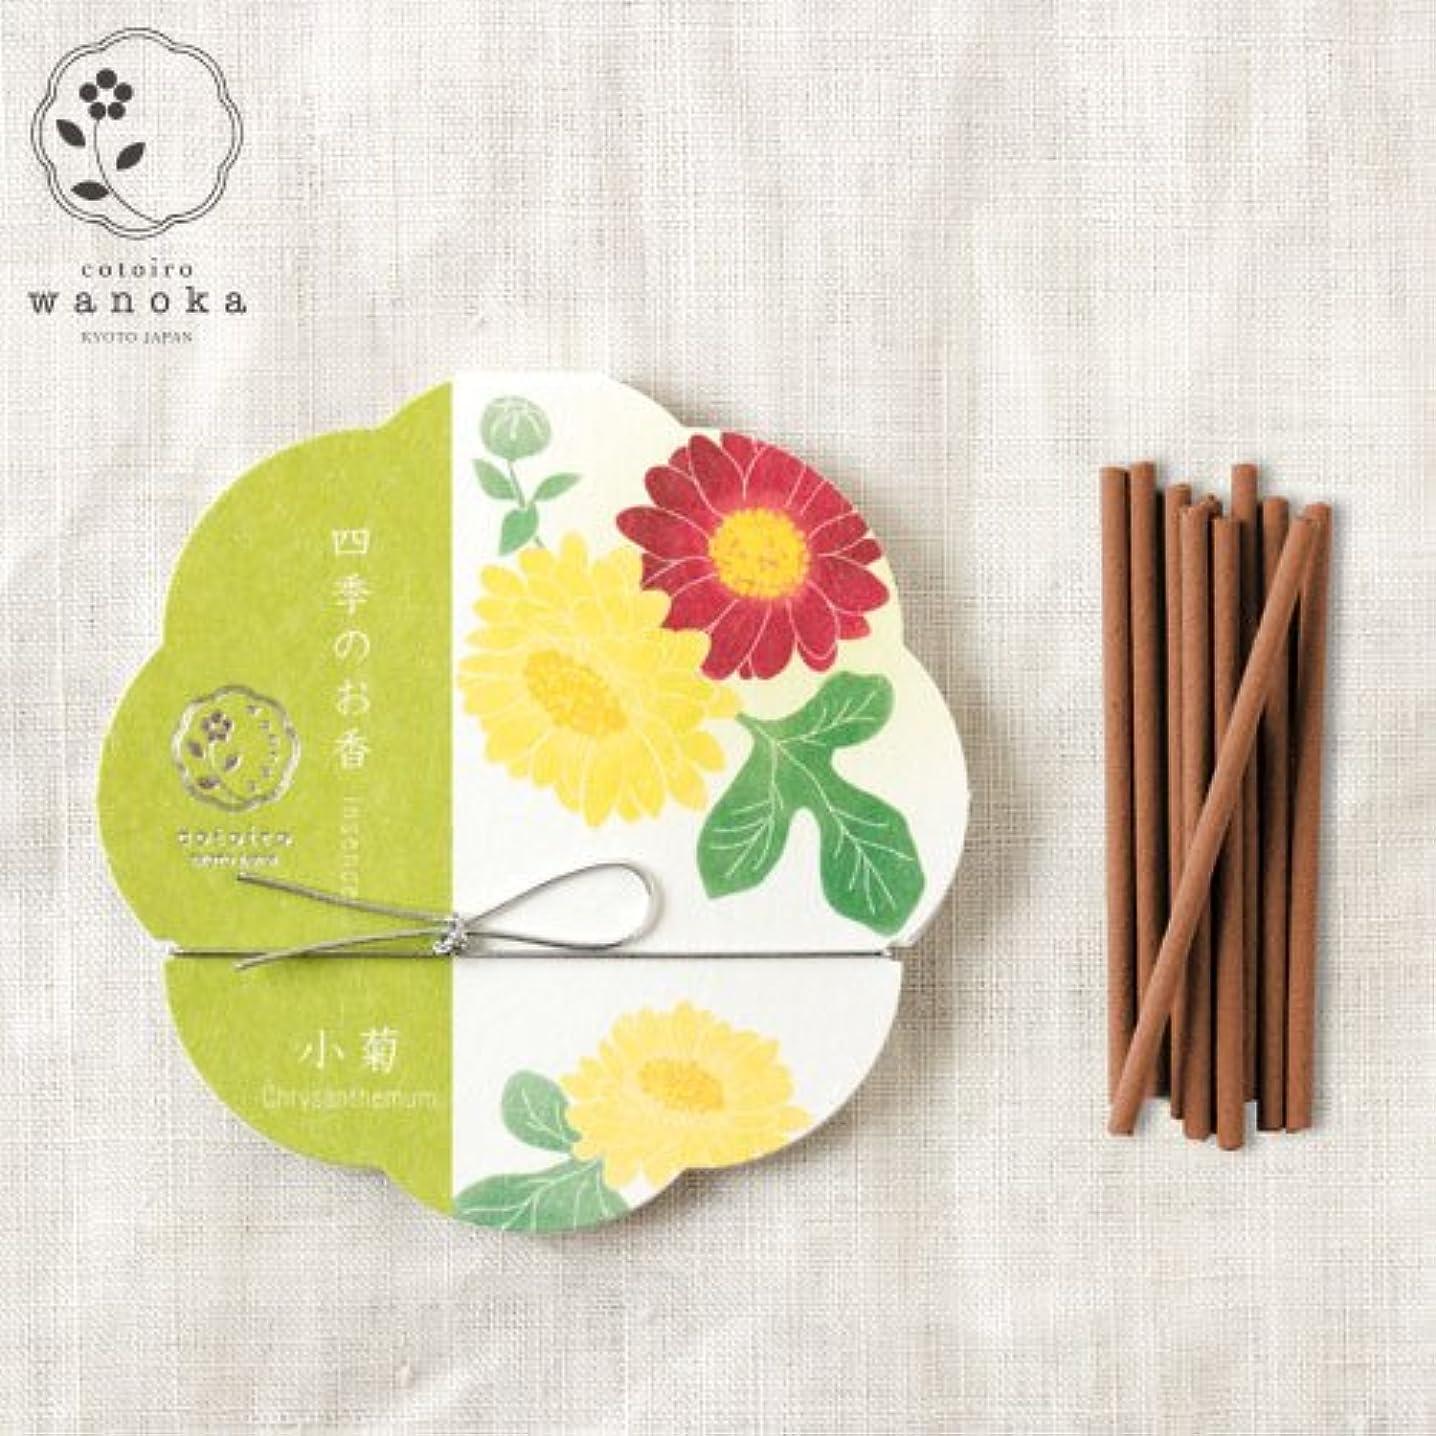 列挙するマイクロ土砂降りwanoka四季のお香(インセンス)小菊《小菊をイメージした優しい香り》ART LABIncense stick